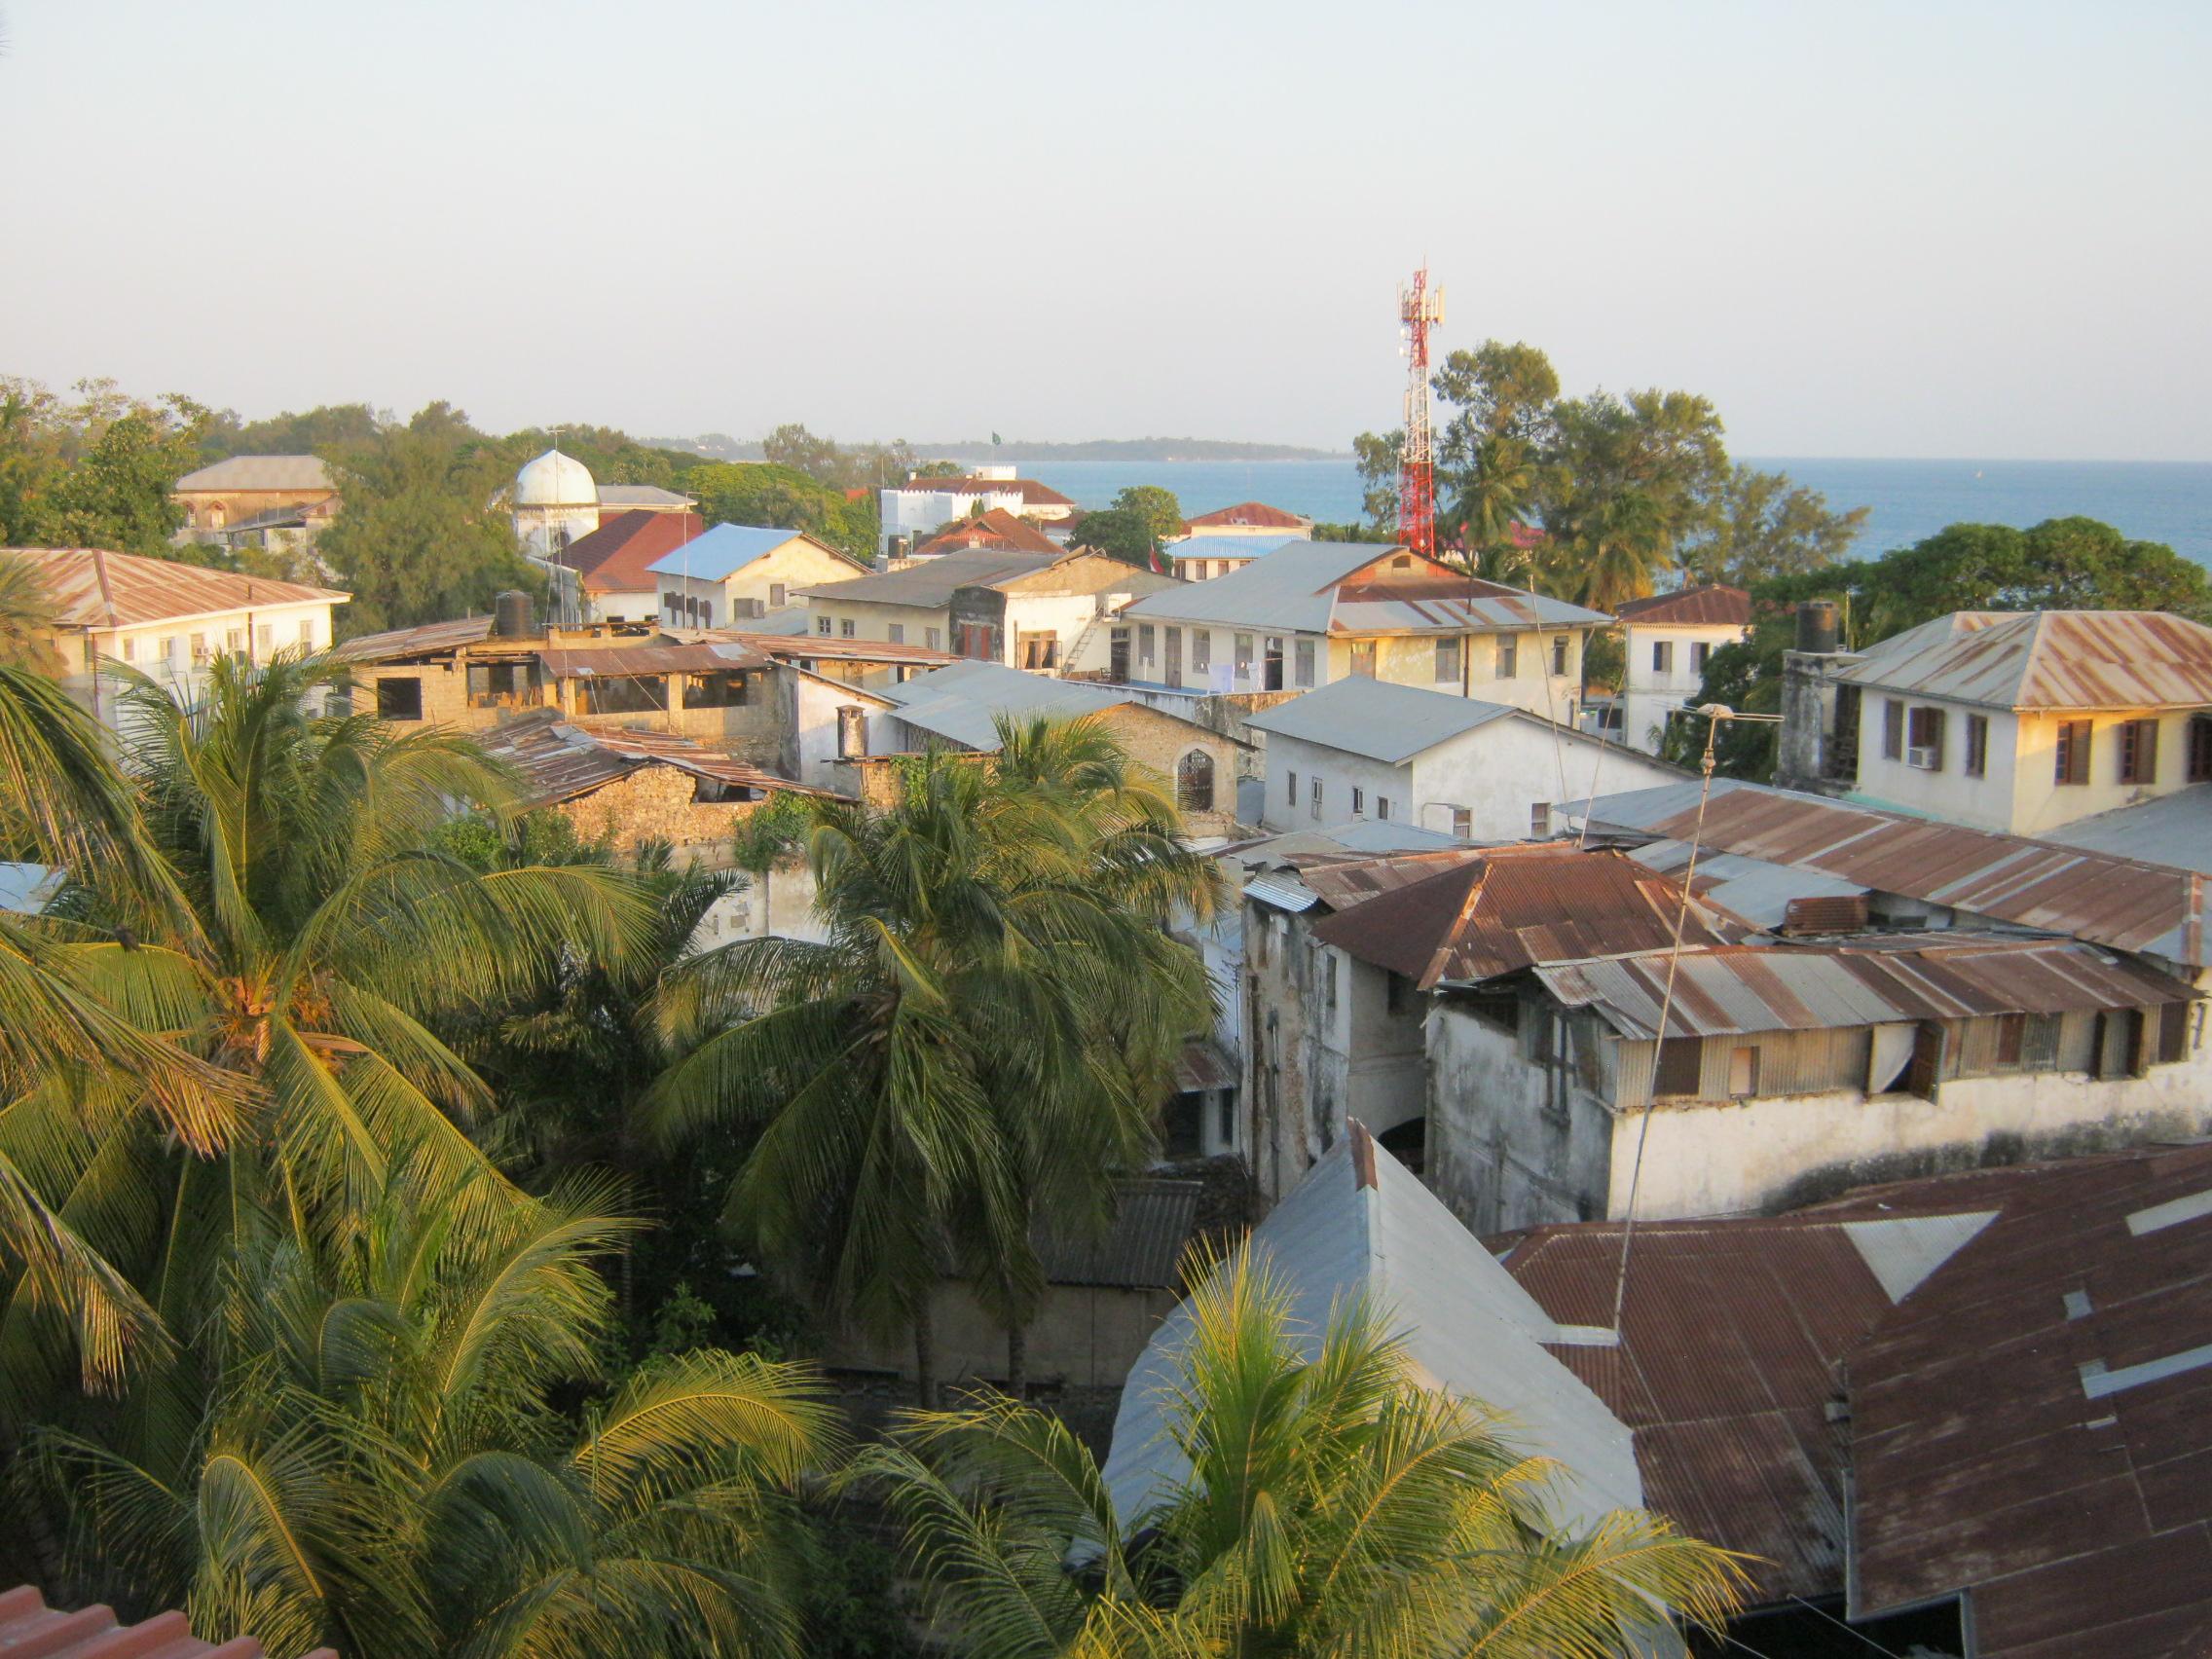 Telefoni og internet fungerer ikke så godt i Tanzania og på Zanzibar